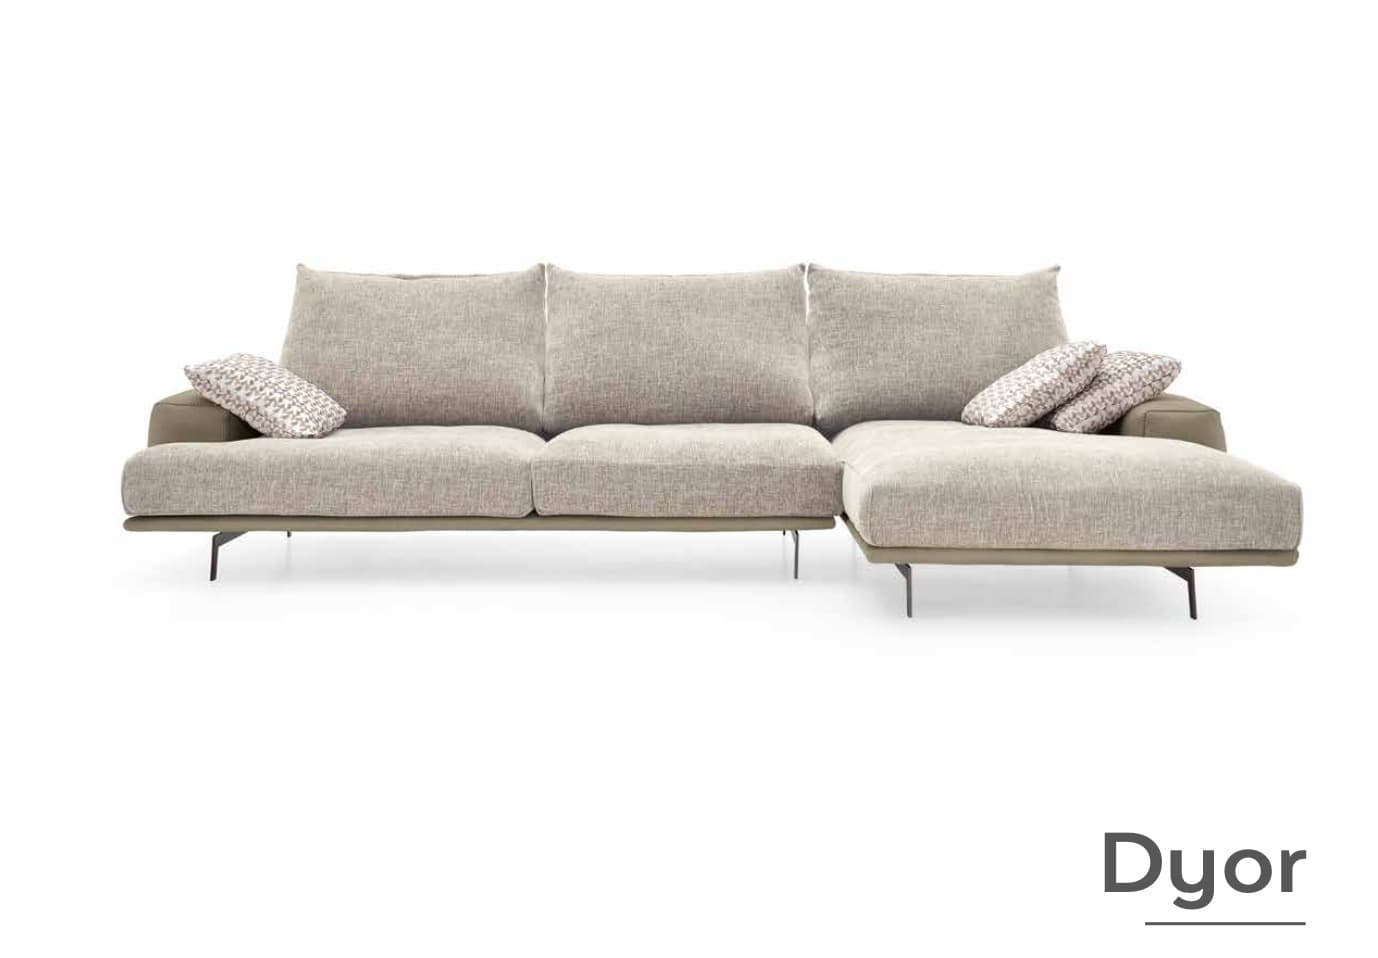 DVN-Dyor